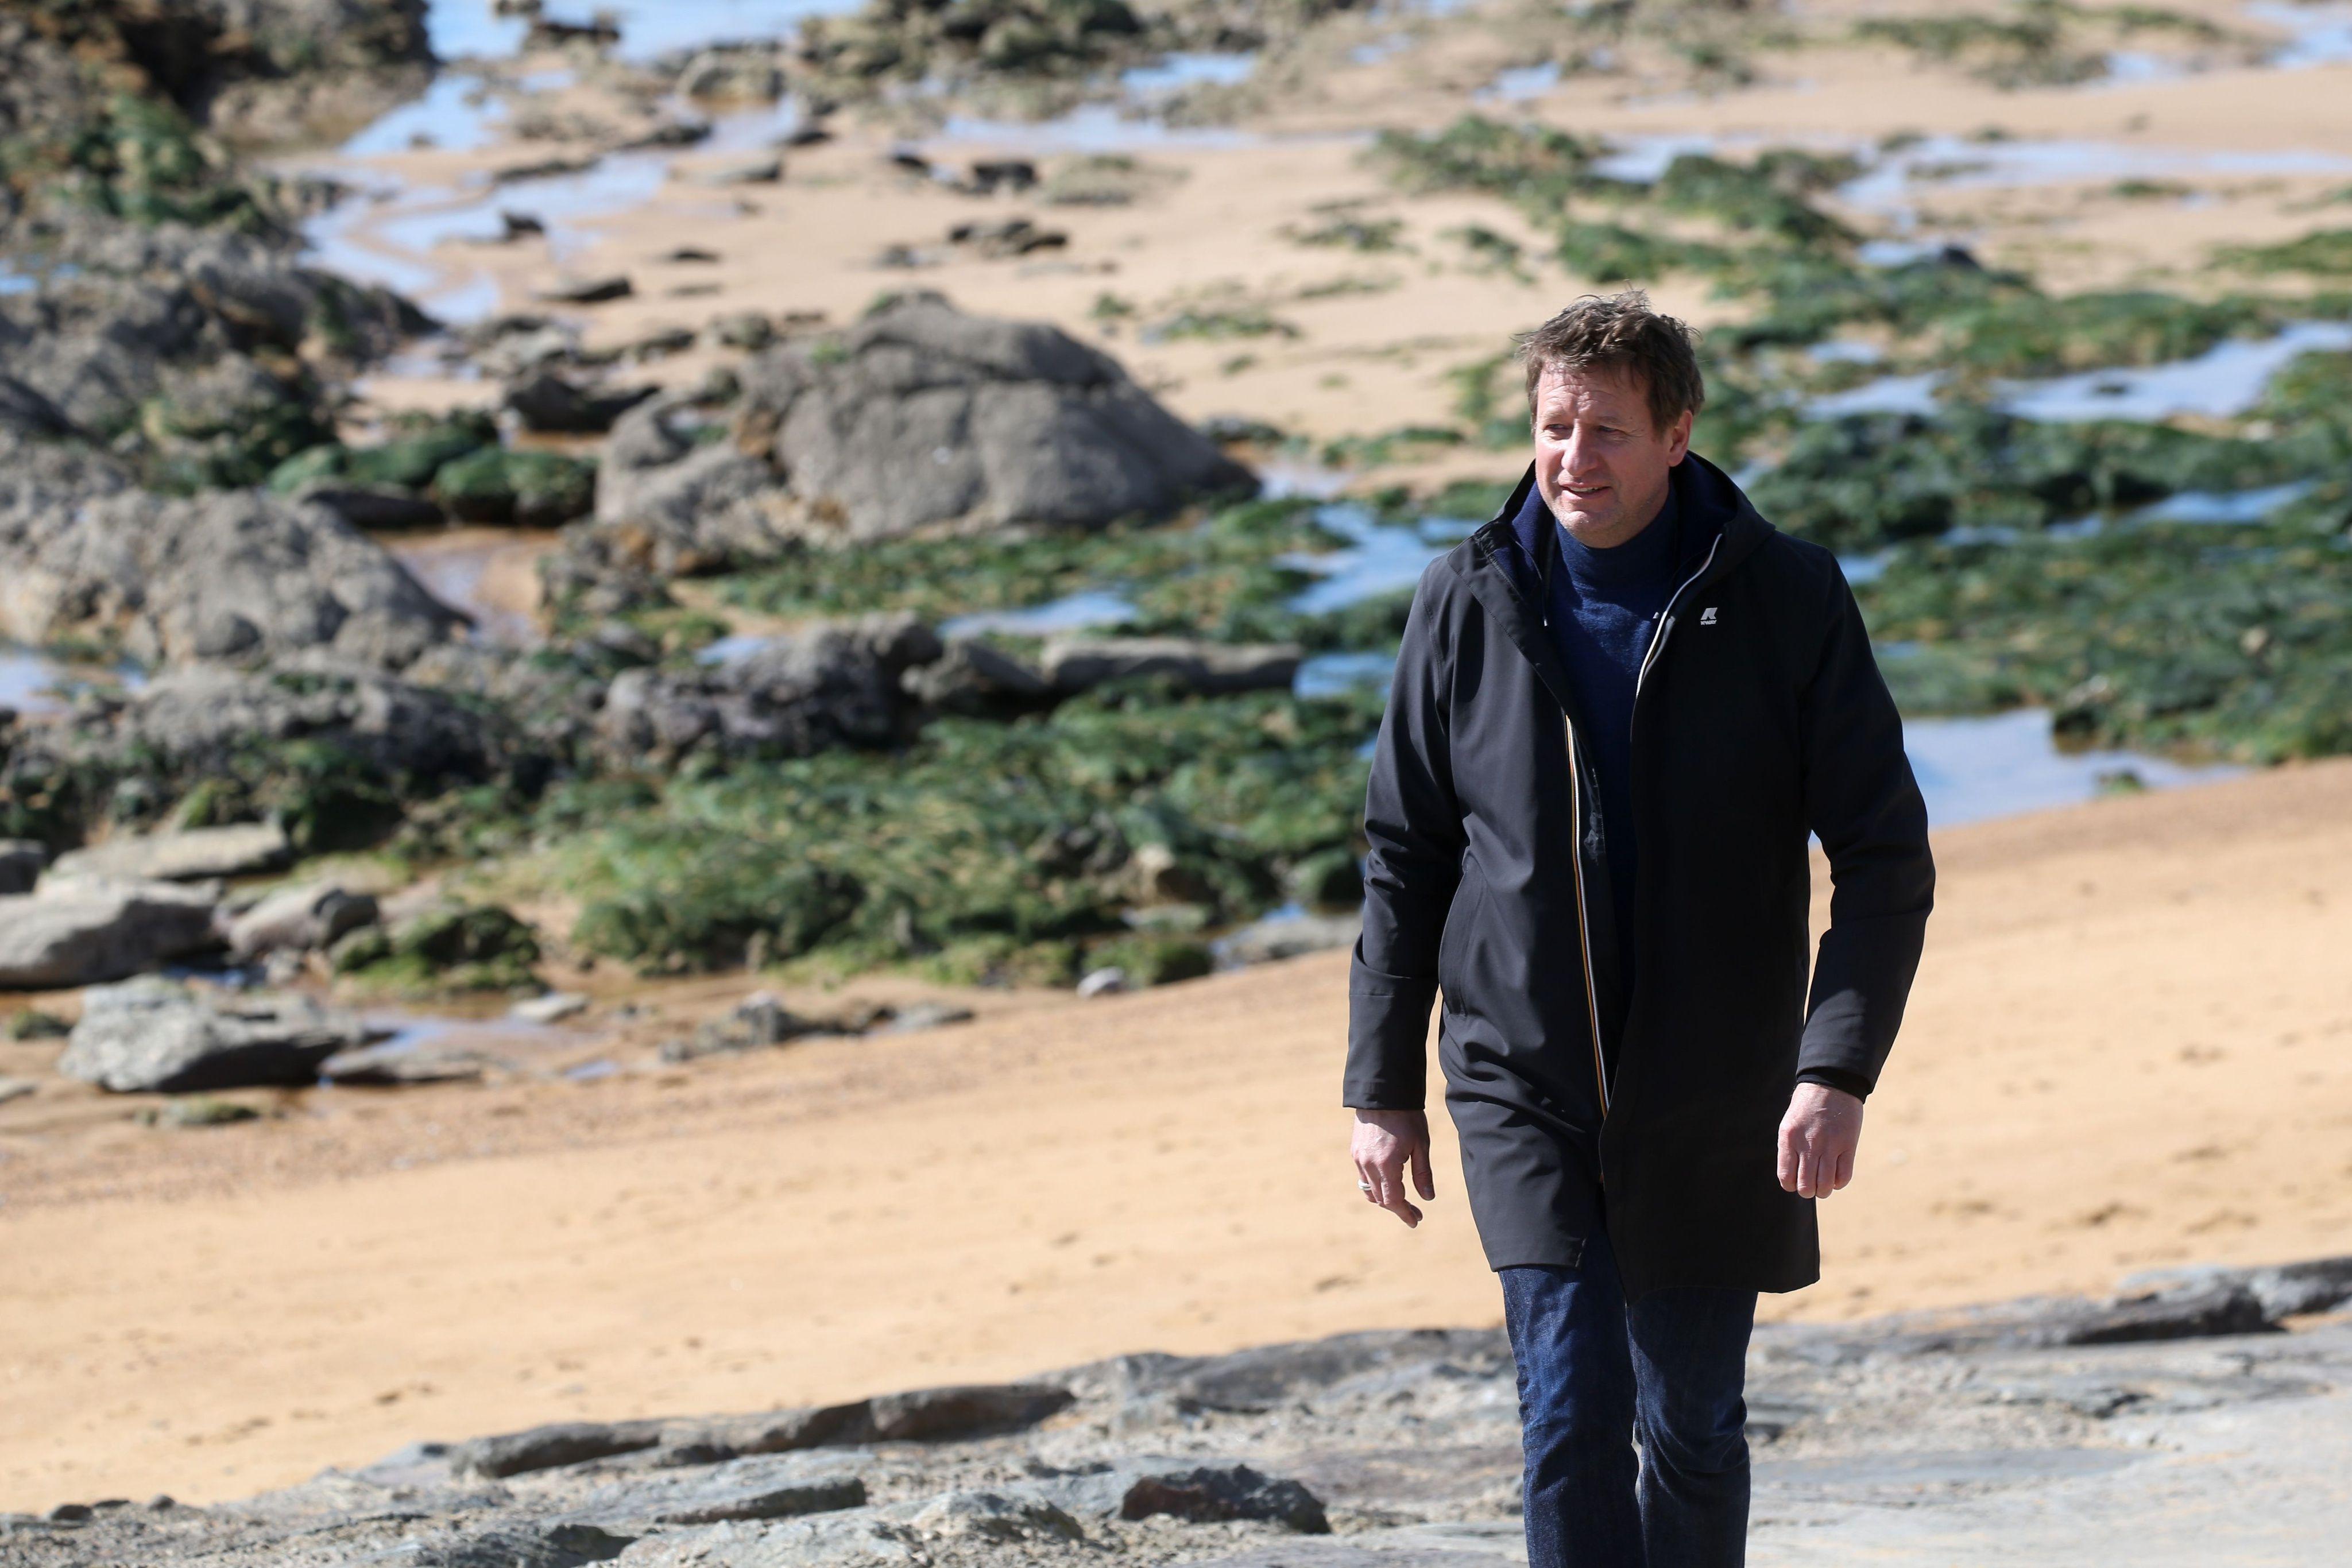 Yannick Jadot, seul sur le sable, les yeux dans l'eau.